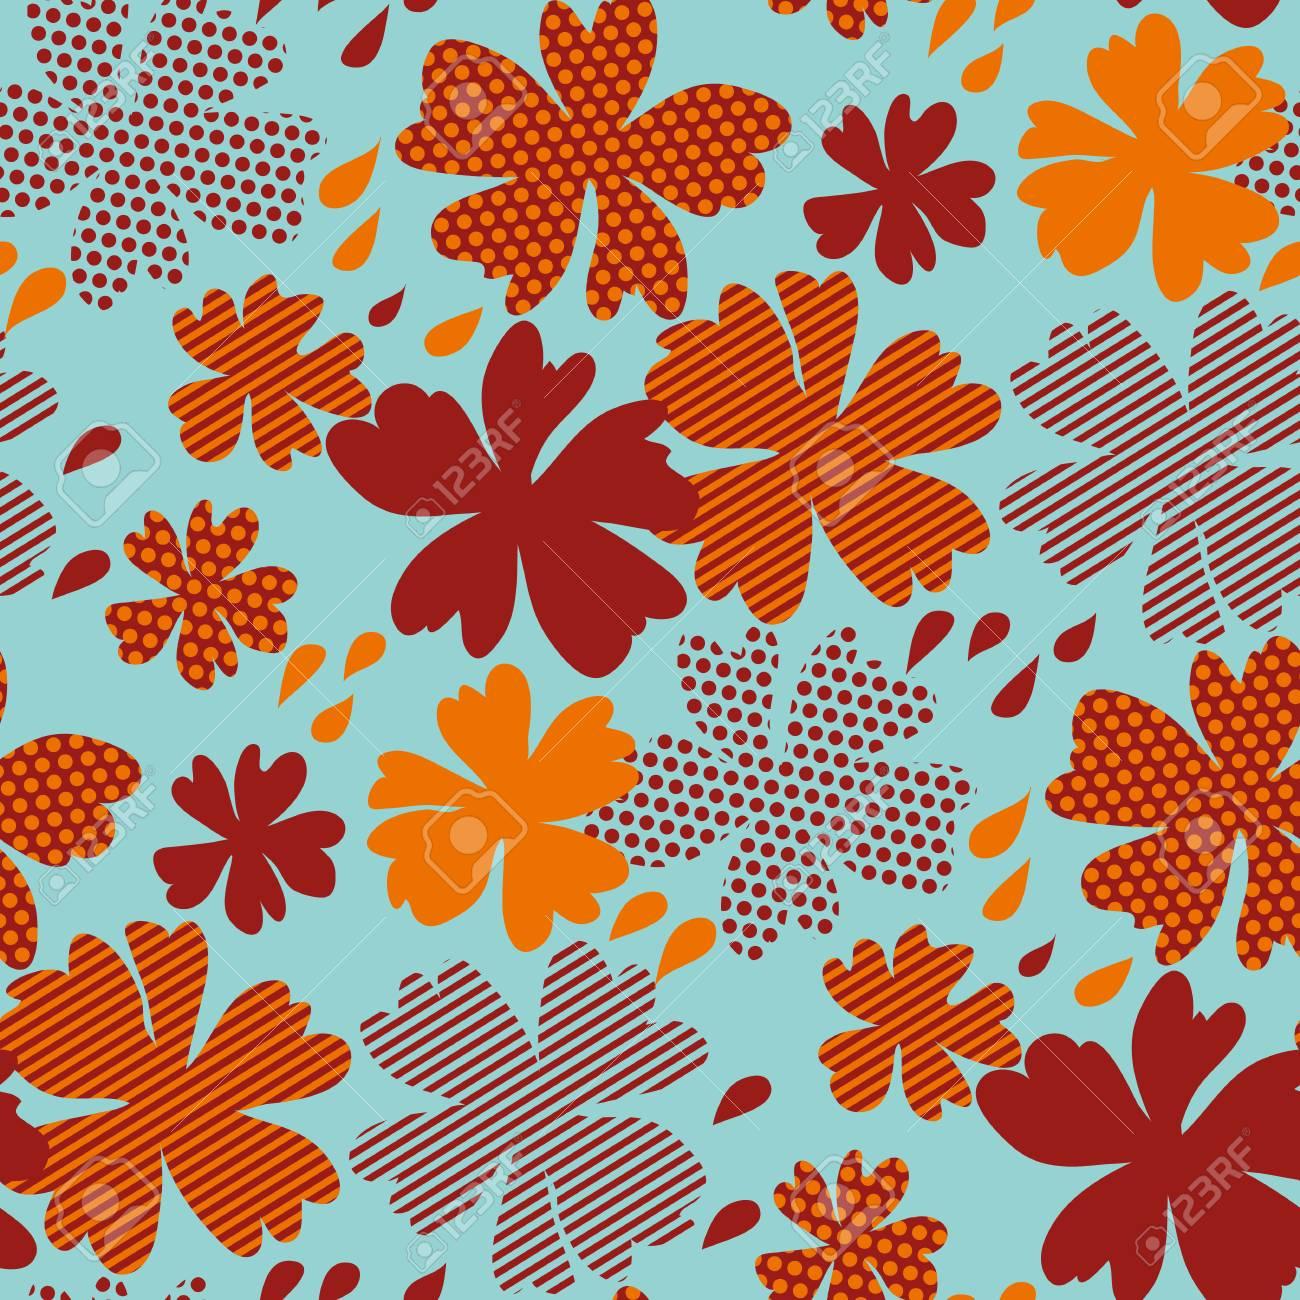 Illustration De Modèle Stylisé Floral Vector Automne. Tomber Couleur ...